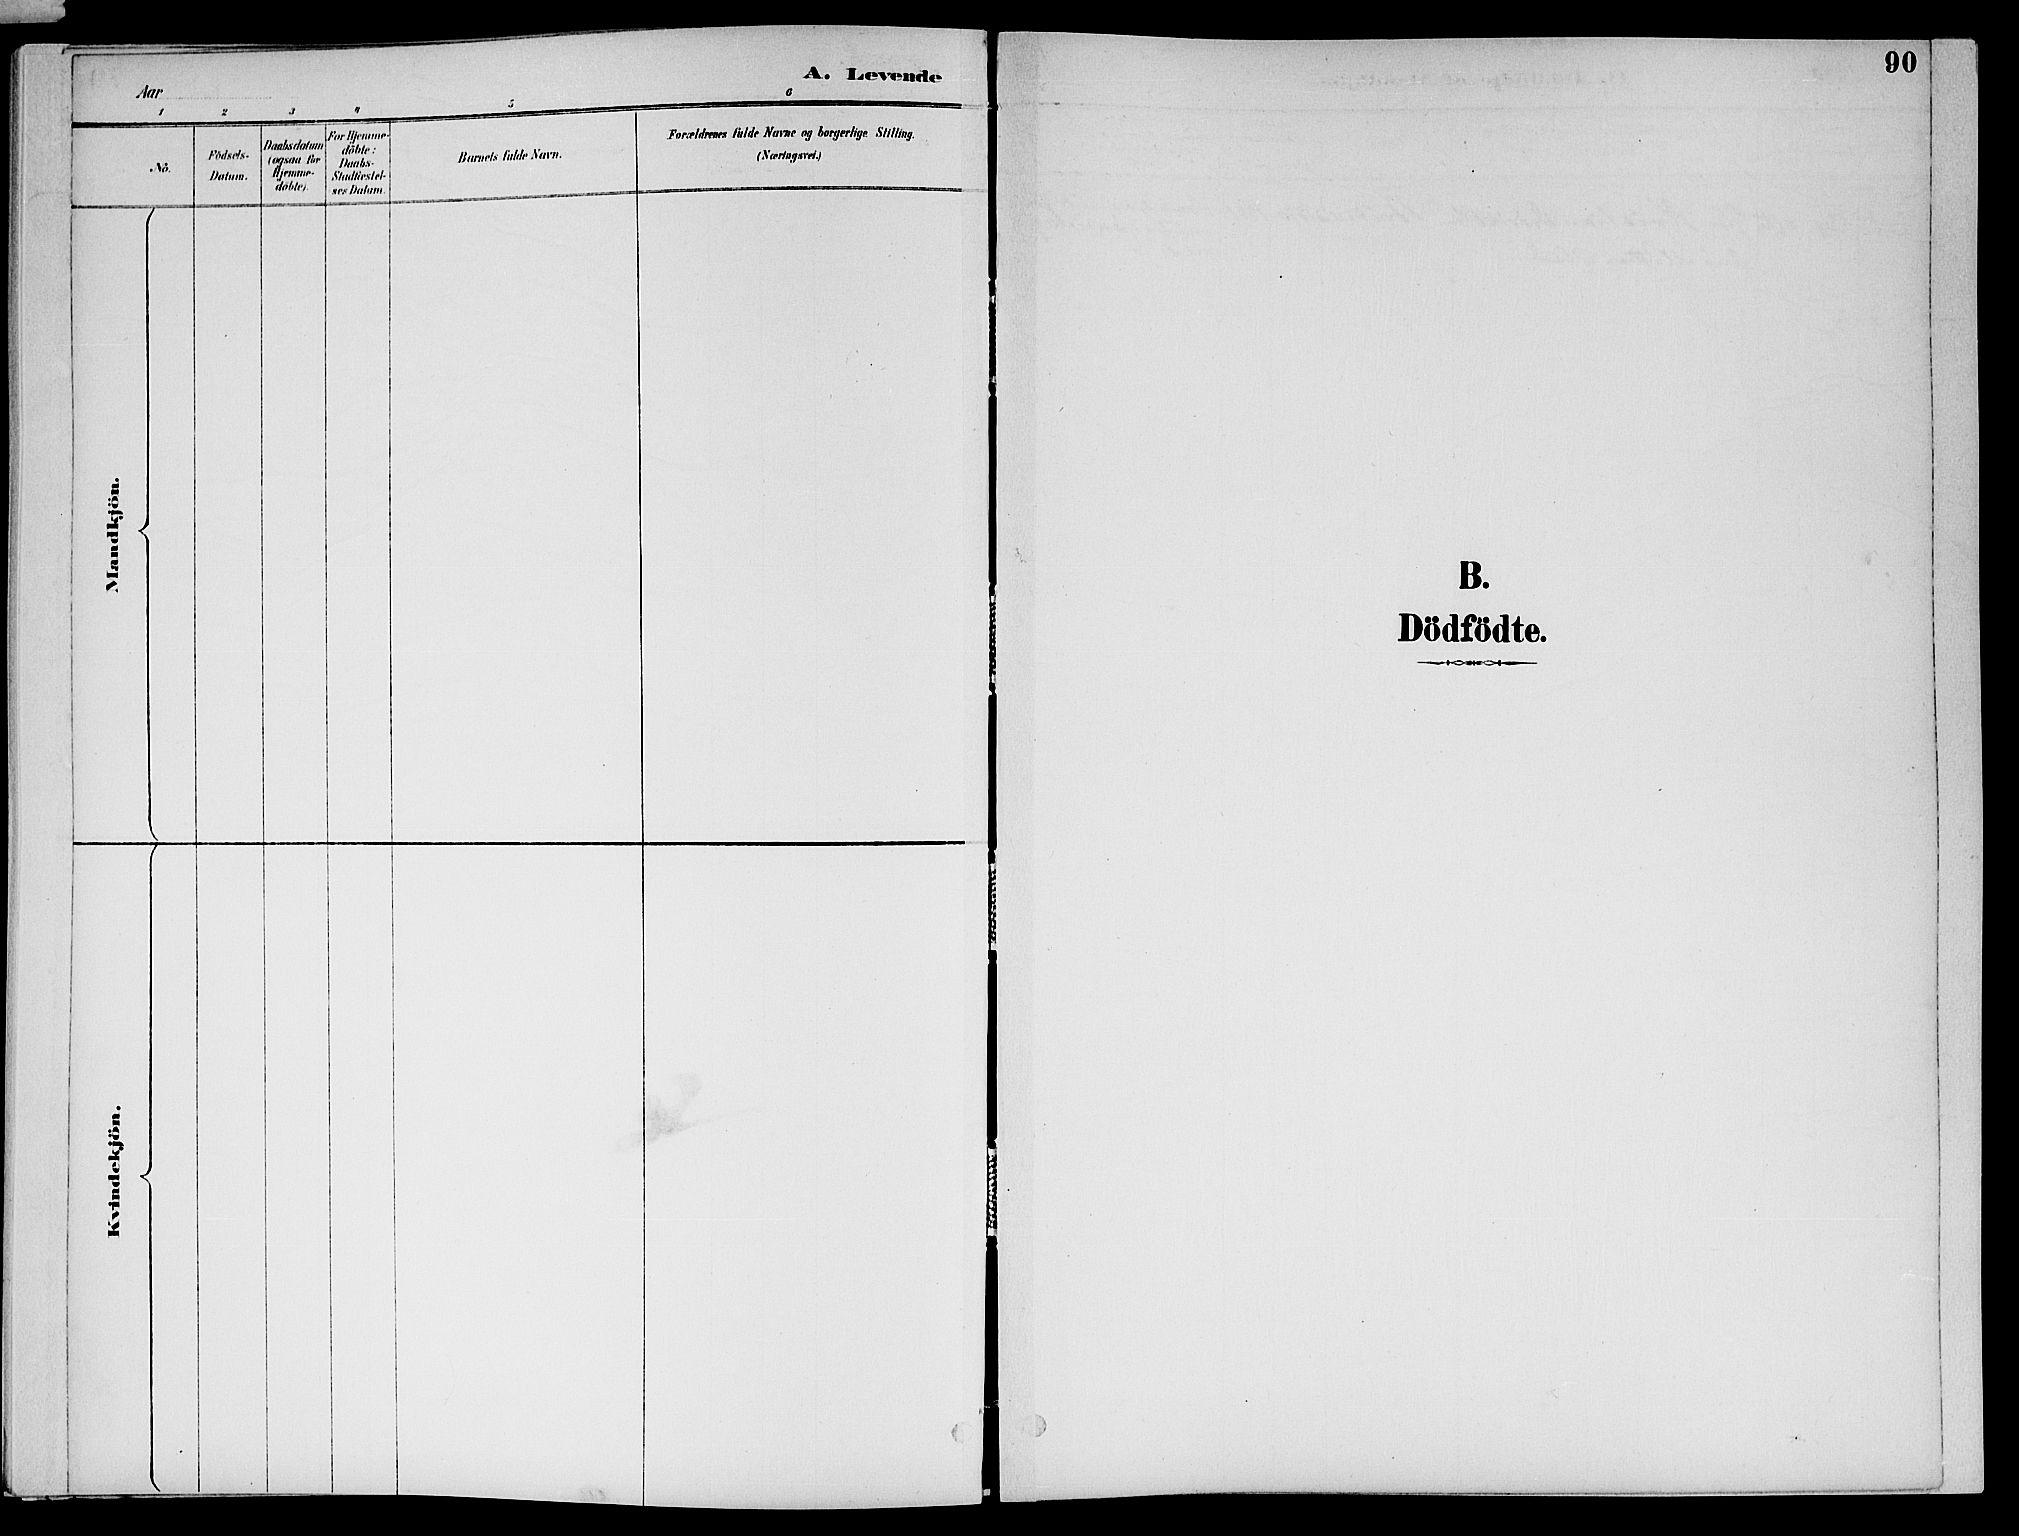 SAT, Ministerialprotokoller, klokkerbøker og fødselsregistre - Nord-Trøndelag, 773/L0617: Ministerialbok nr. 773A08, 1887-1910, s. 90